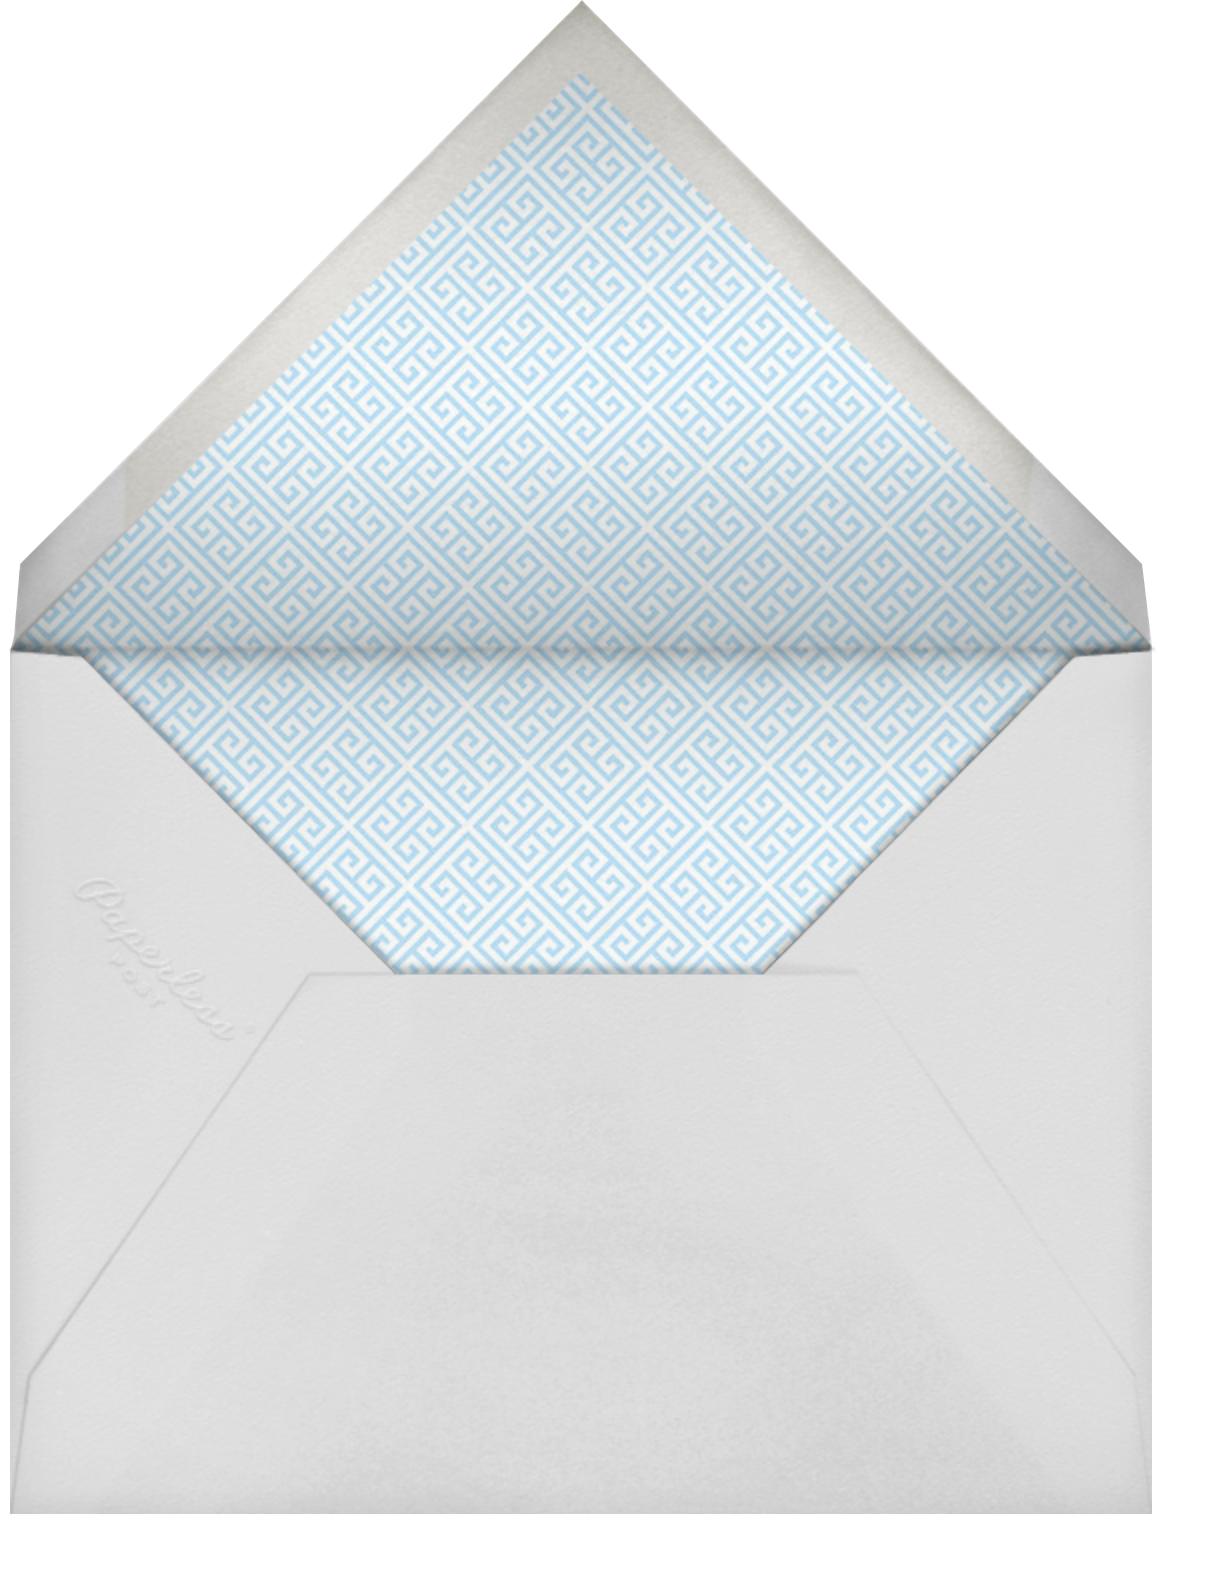 Greek Key Stripe - Blue - Jonathan Adler - Envelope